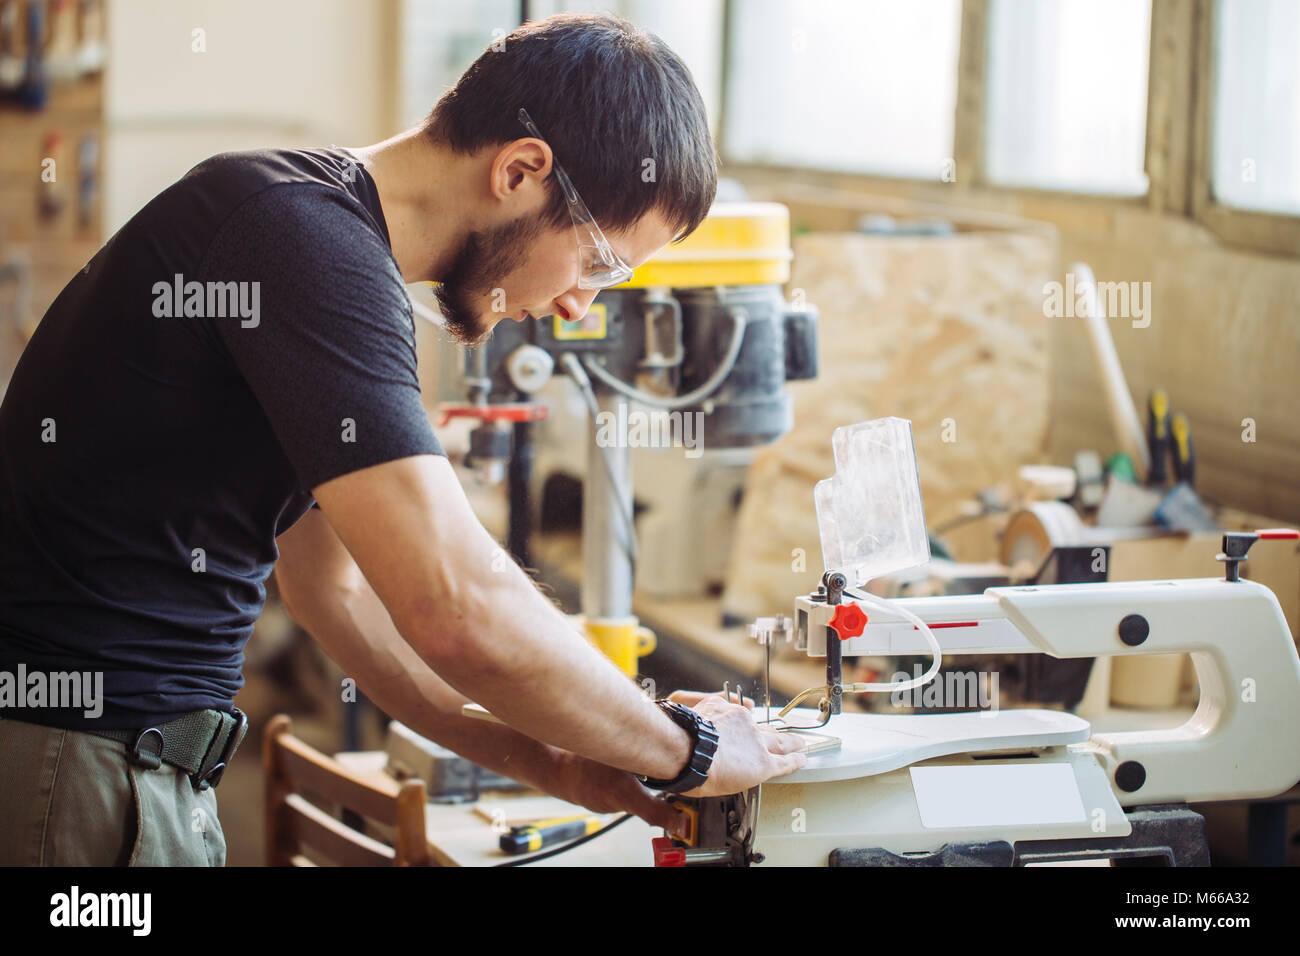 Carpenter comprometidos en el tratamiento de la madera en el aserradero. Imagen De Stock